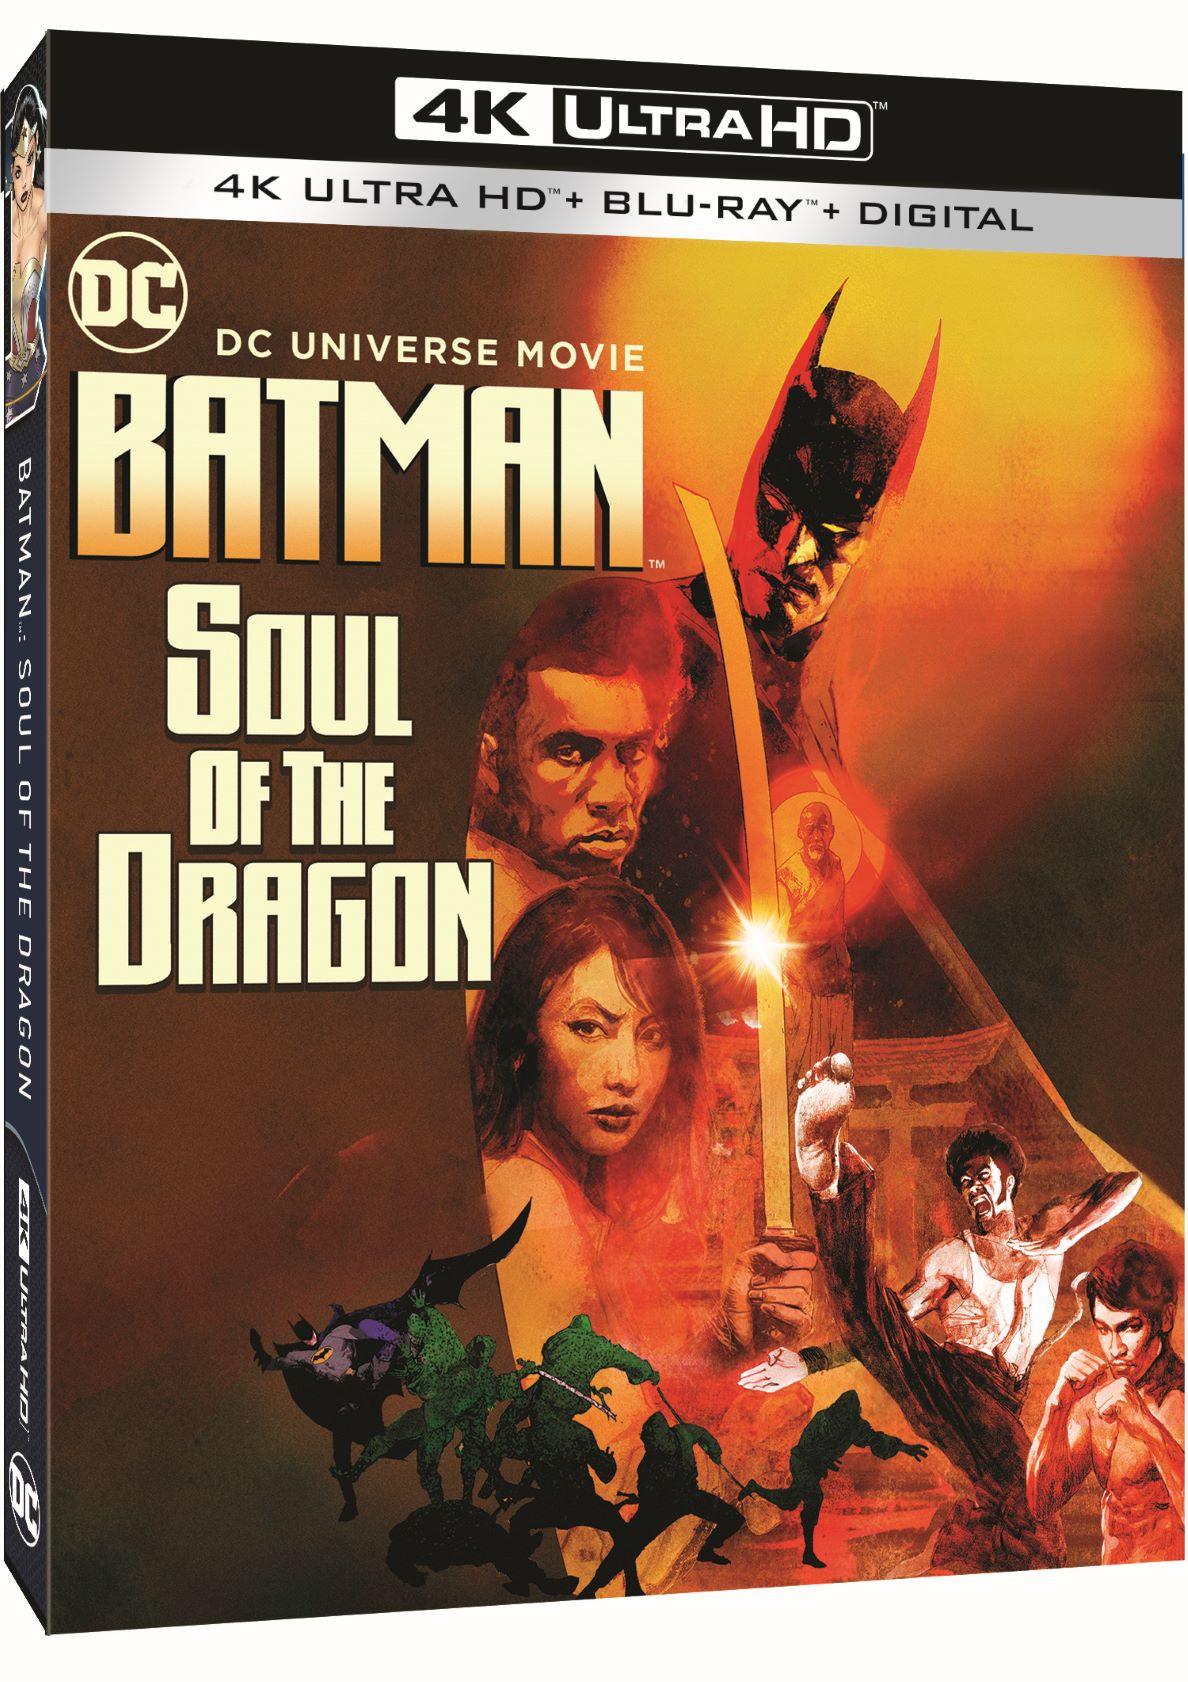 Batman Soul of the Dragon box art